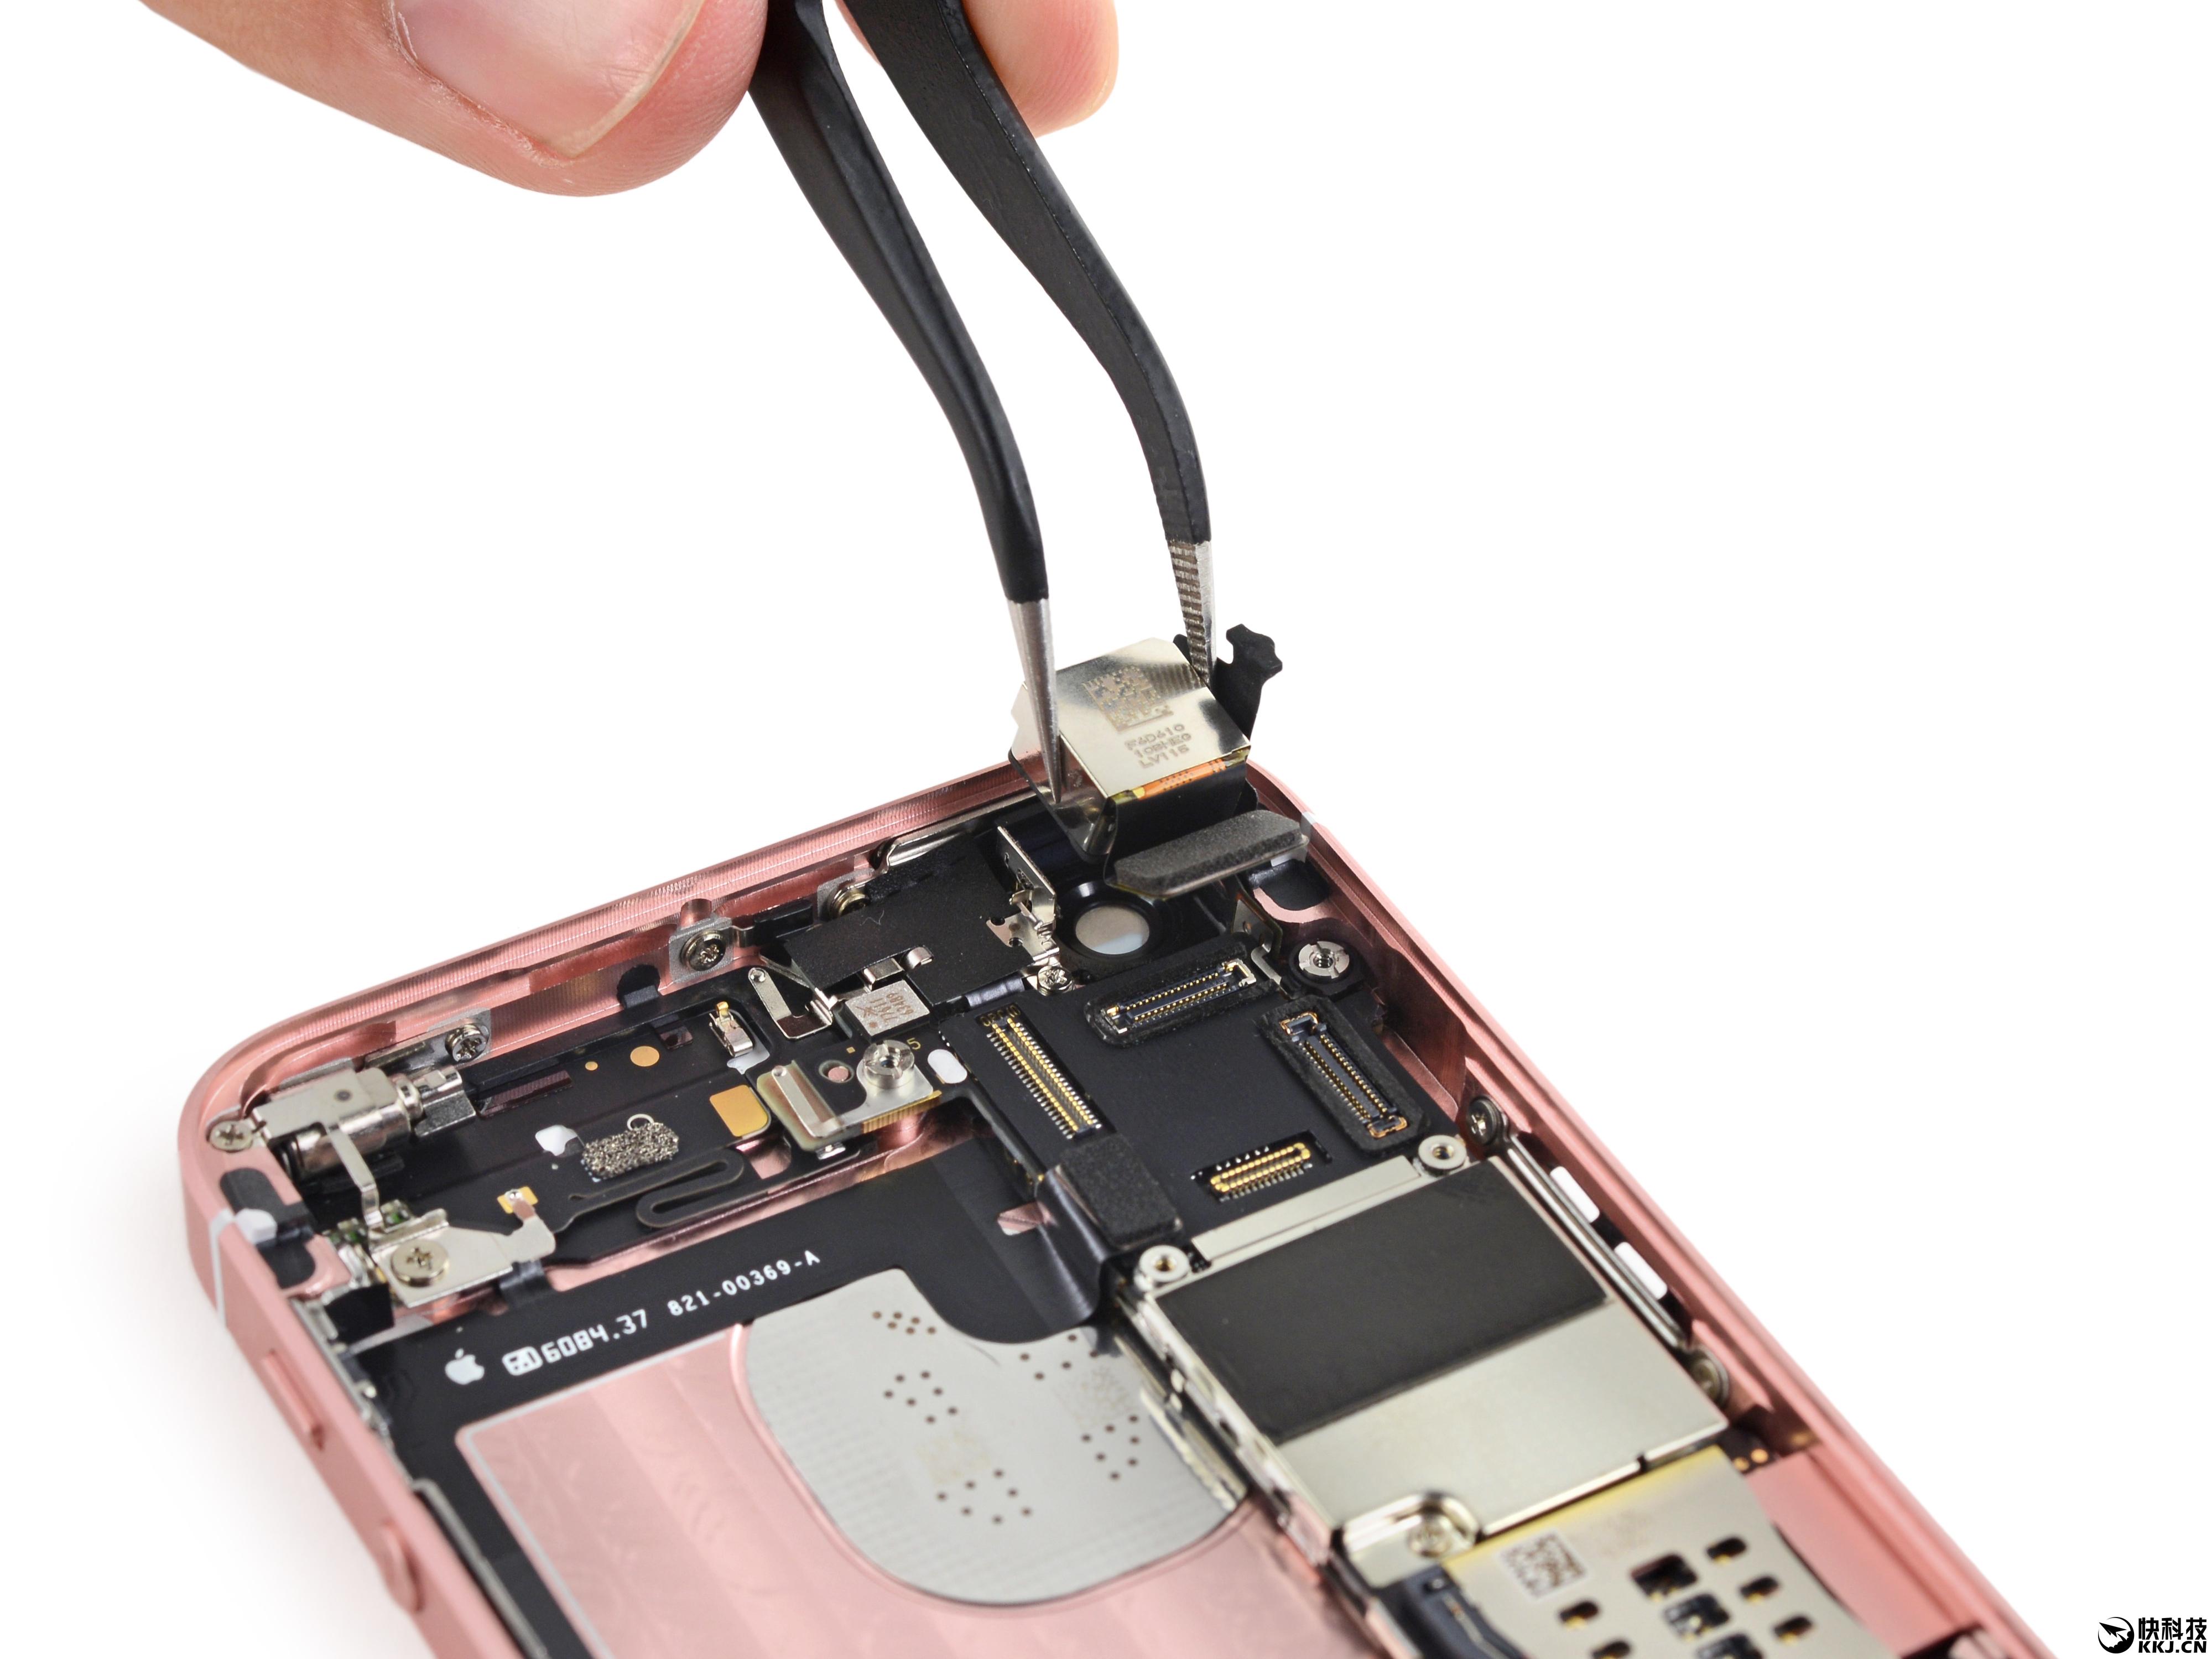 如果昨天Chipworks的拆解你看得不过瘾,现在ifixit已经送出了iPhone SE的完整拆解,可以肯定的是,该机除了外形,机身内部构造、主板排列等也都与iPhoen 5S基本一致。  看是拆解前,还是要先简单介绍下iPhone SE的配置,采用了4寸分辨率1136×640屏幕(ppi 326),搭载A9处理器和M9协处理器,提供2GB内存和16/64GB存储,内置1200万像素摄像头(单个像素1.